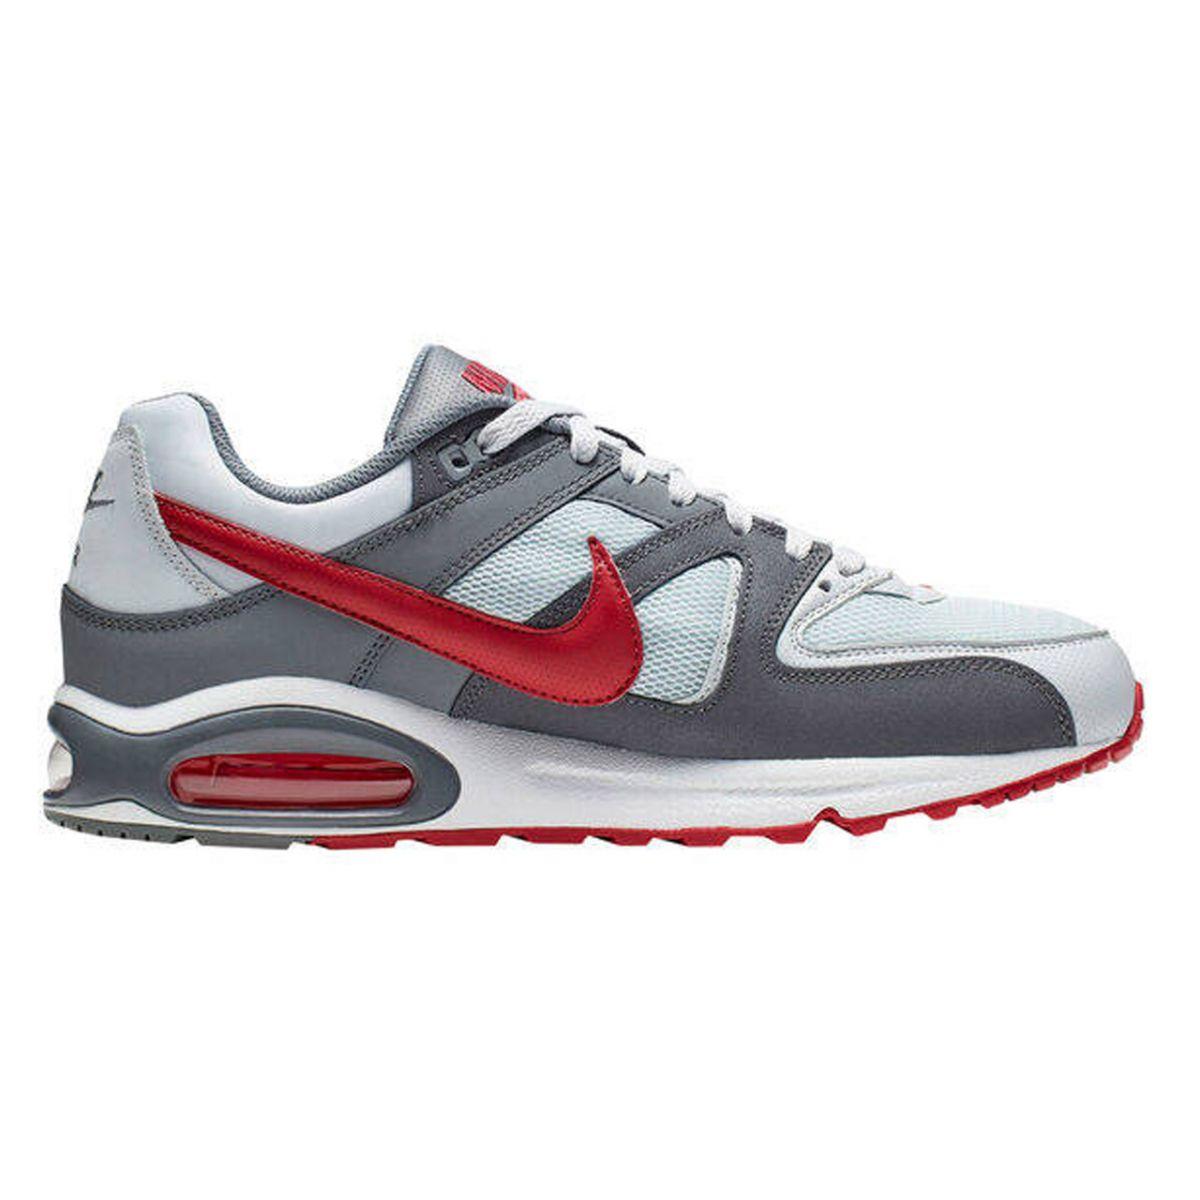 NIKE Herren Schuhe AIR MAX COMMAND online kaufen bei INTERSPORT!